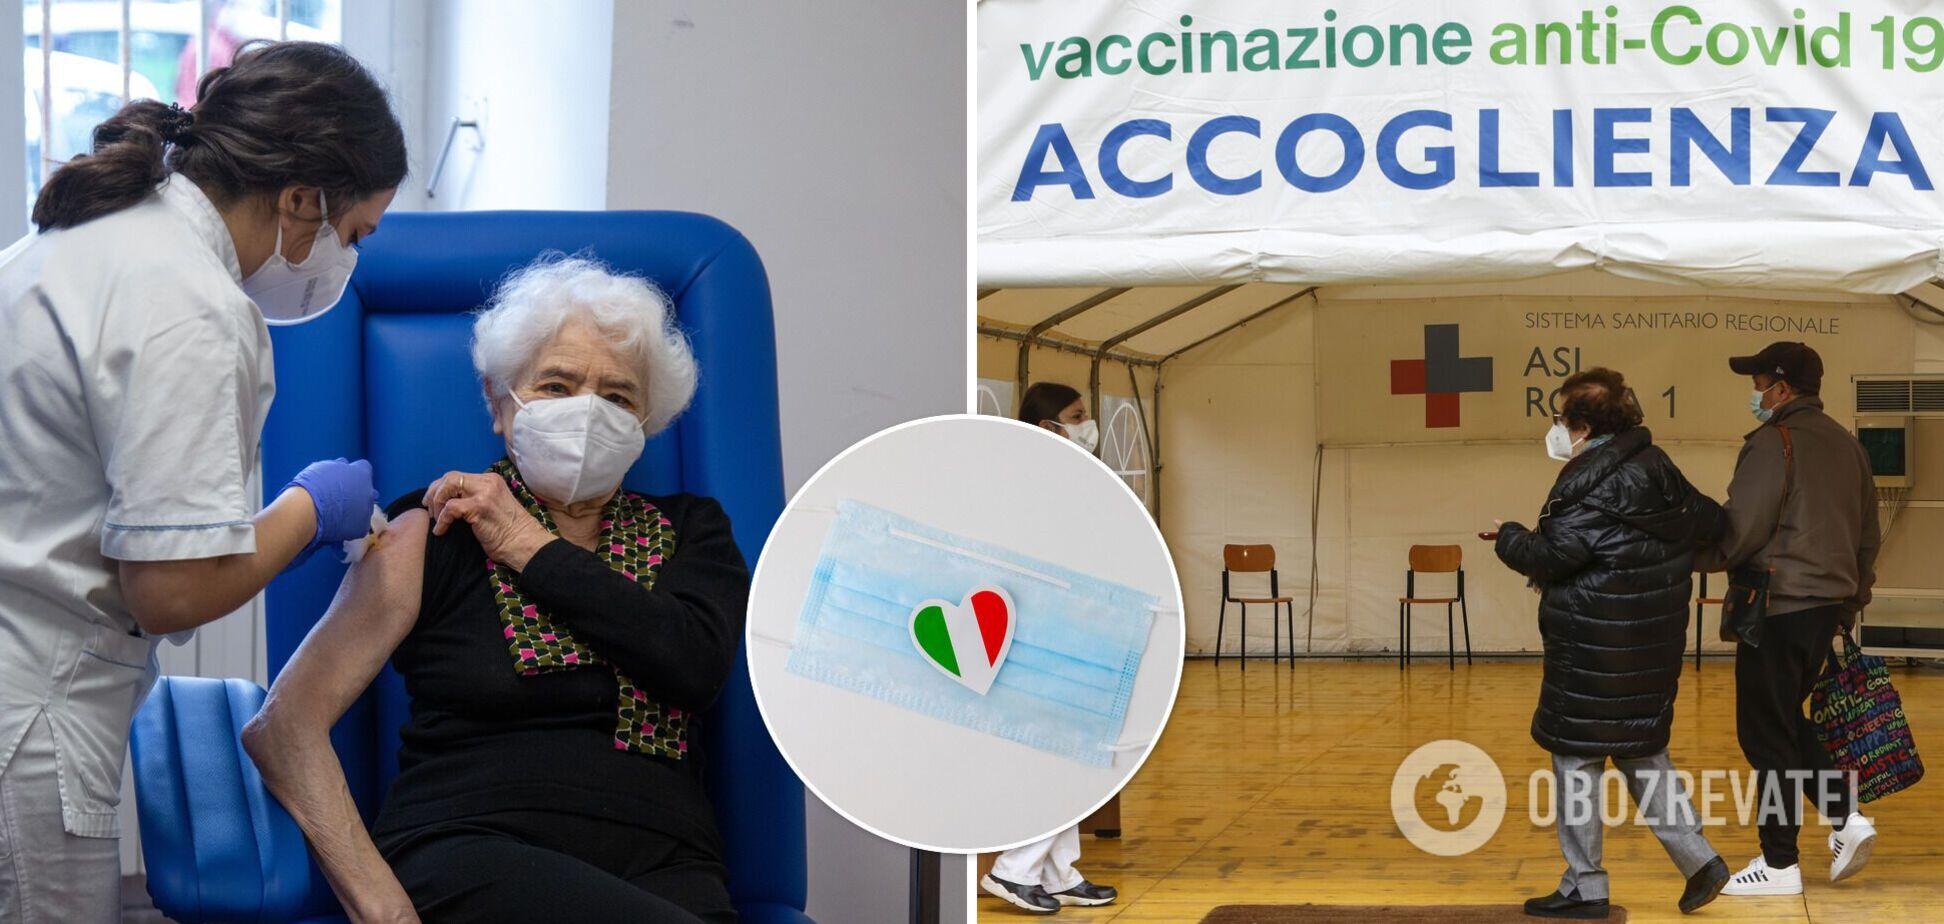 Прививки делают 'на ходу': рассказ украинки о вакцинации от COVID-19 в Италии